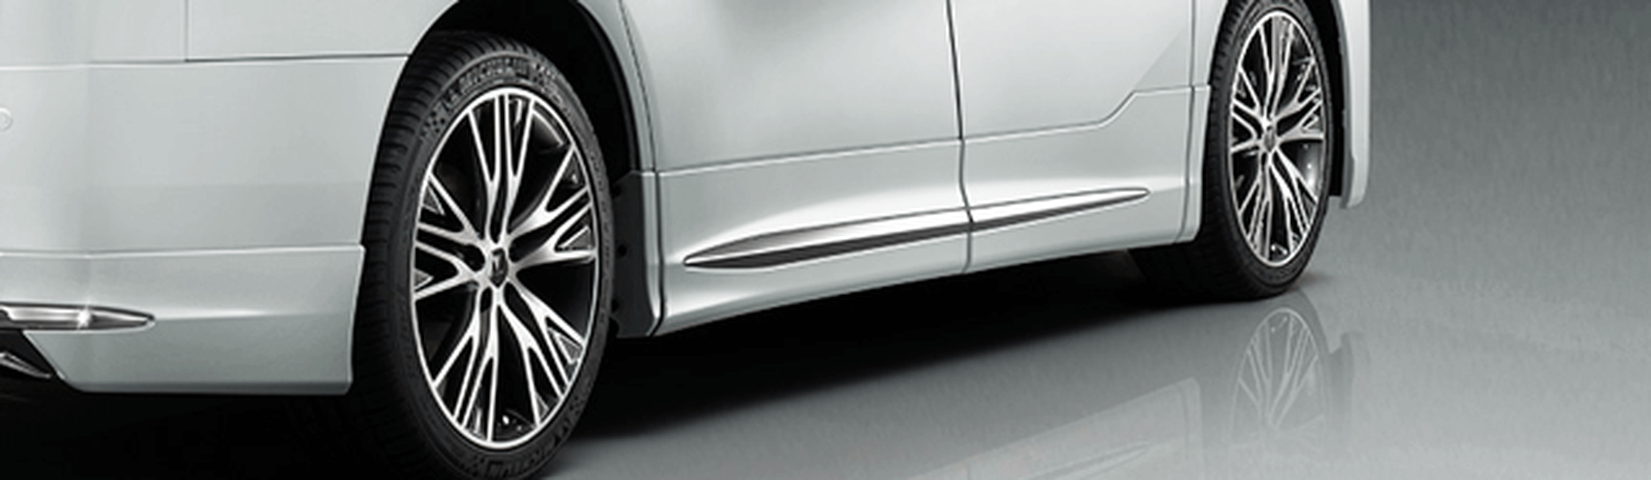 30 ヴェルファイア 外装 エアロパーツ サイドステップ トヨタ モデリスタ サイドスカート